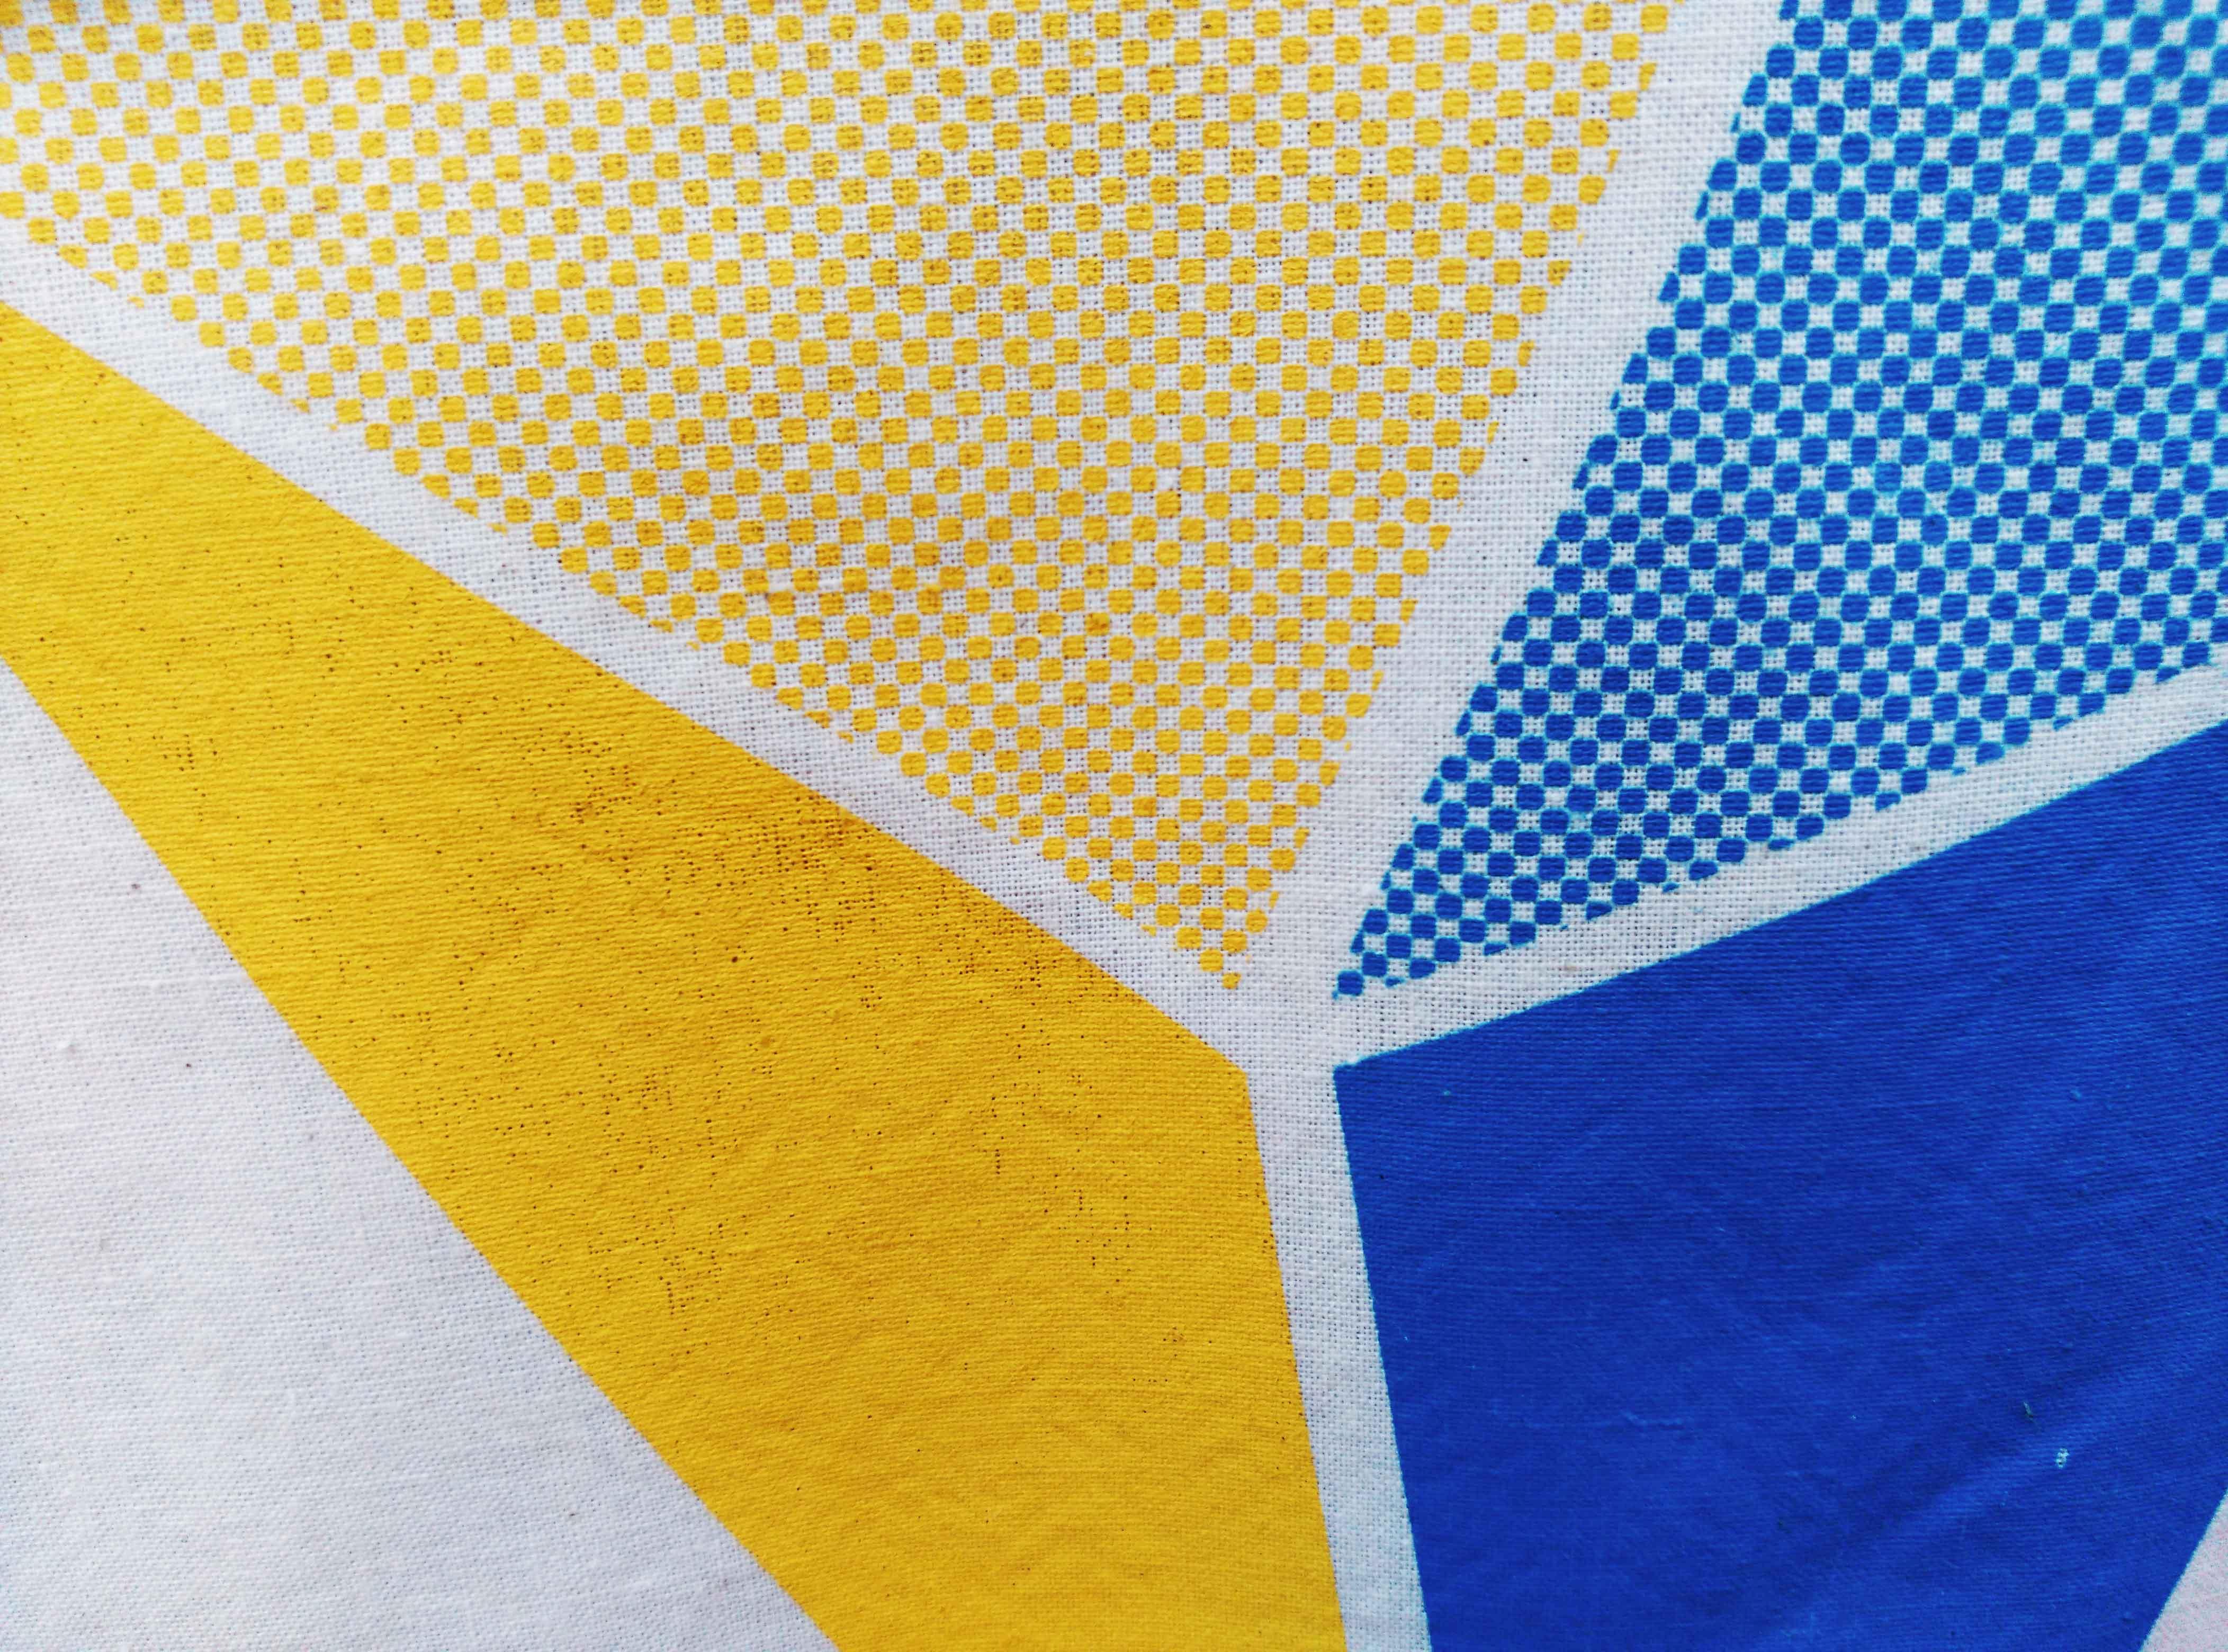 Detalle de serigrafia de la bolsa Iturfest